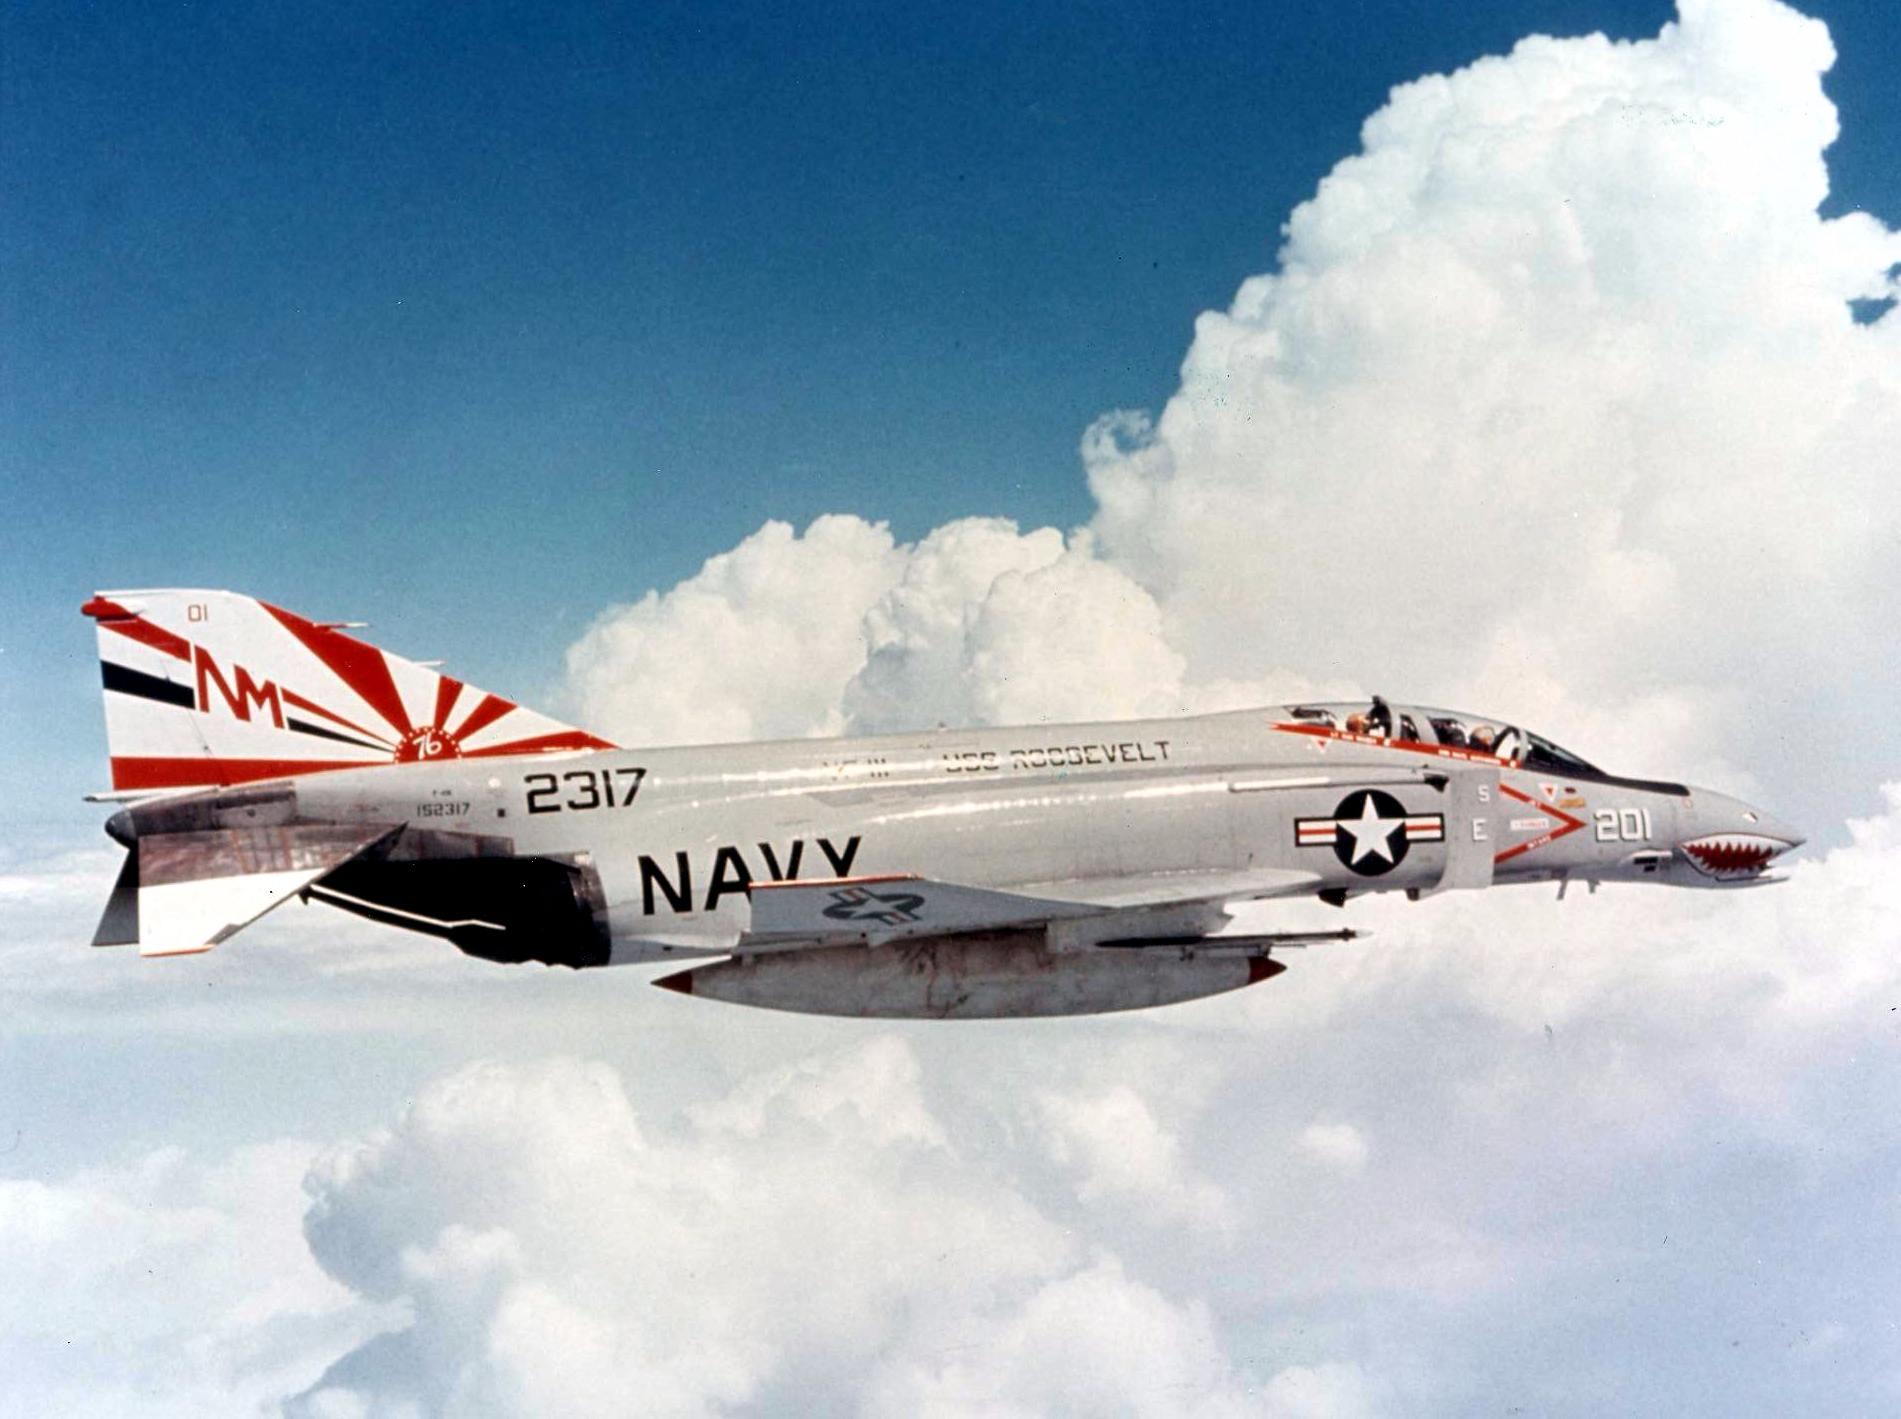 再說,其實那帽子上的圖樣在畫面上不太明顯,不確定是旭日旗,還是美國戰鬥機VF-111機尾的標示也有可能